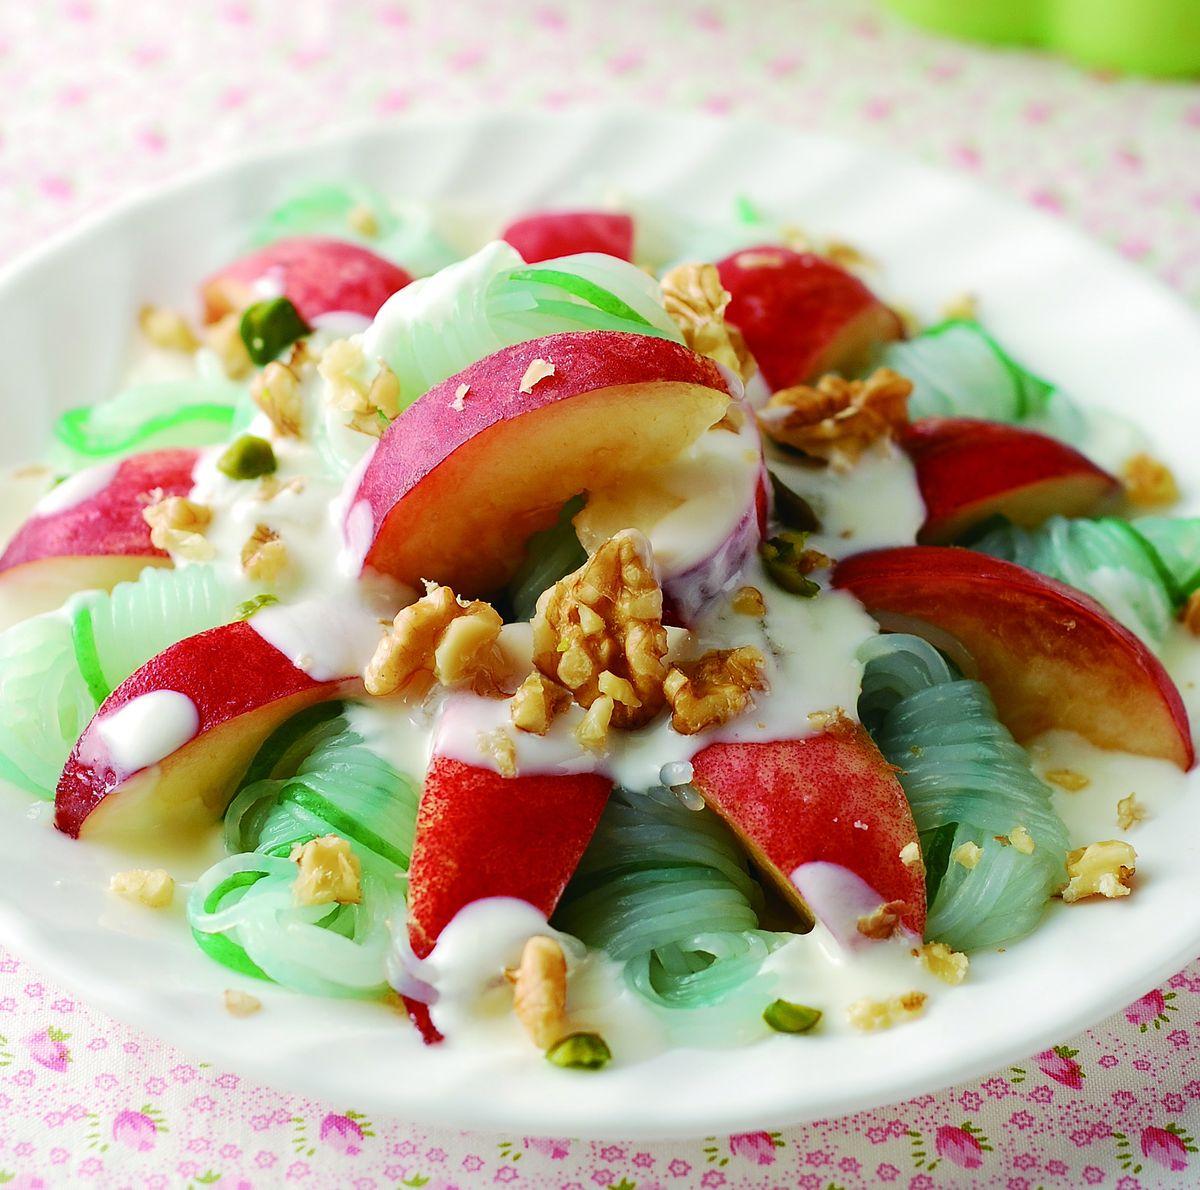 食譜:蜜桃蒟蒻沙拉